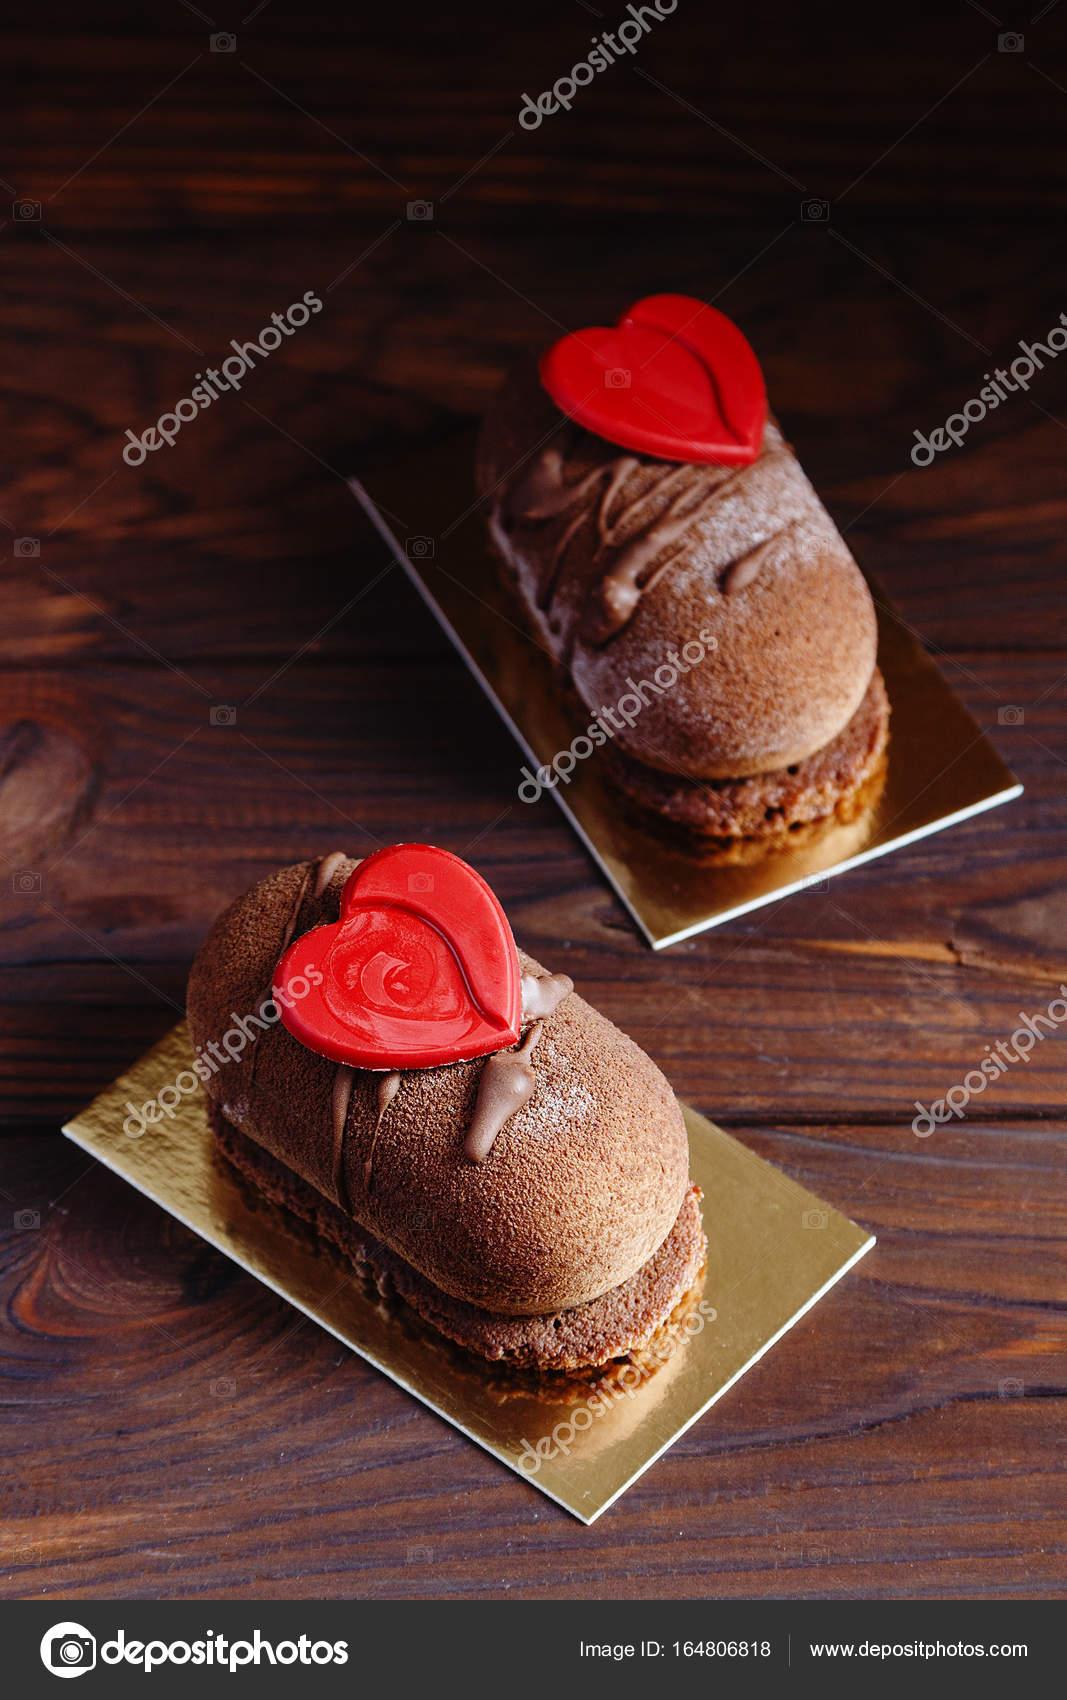 Schokolade Geback Kuchen Dessert Mit Roten Herzen Stockfoto